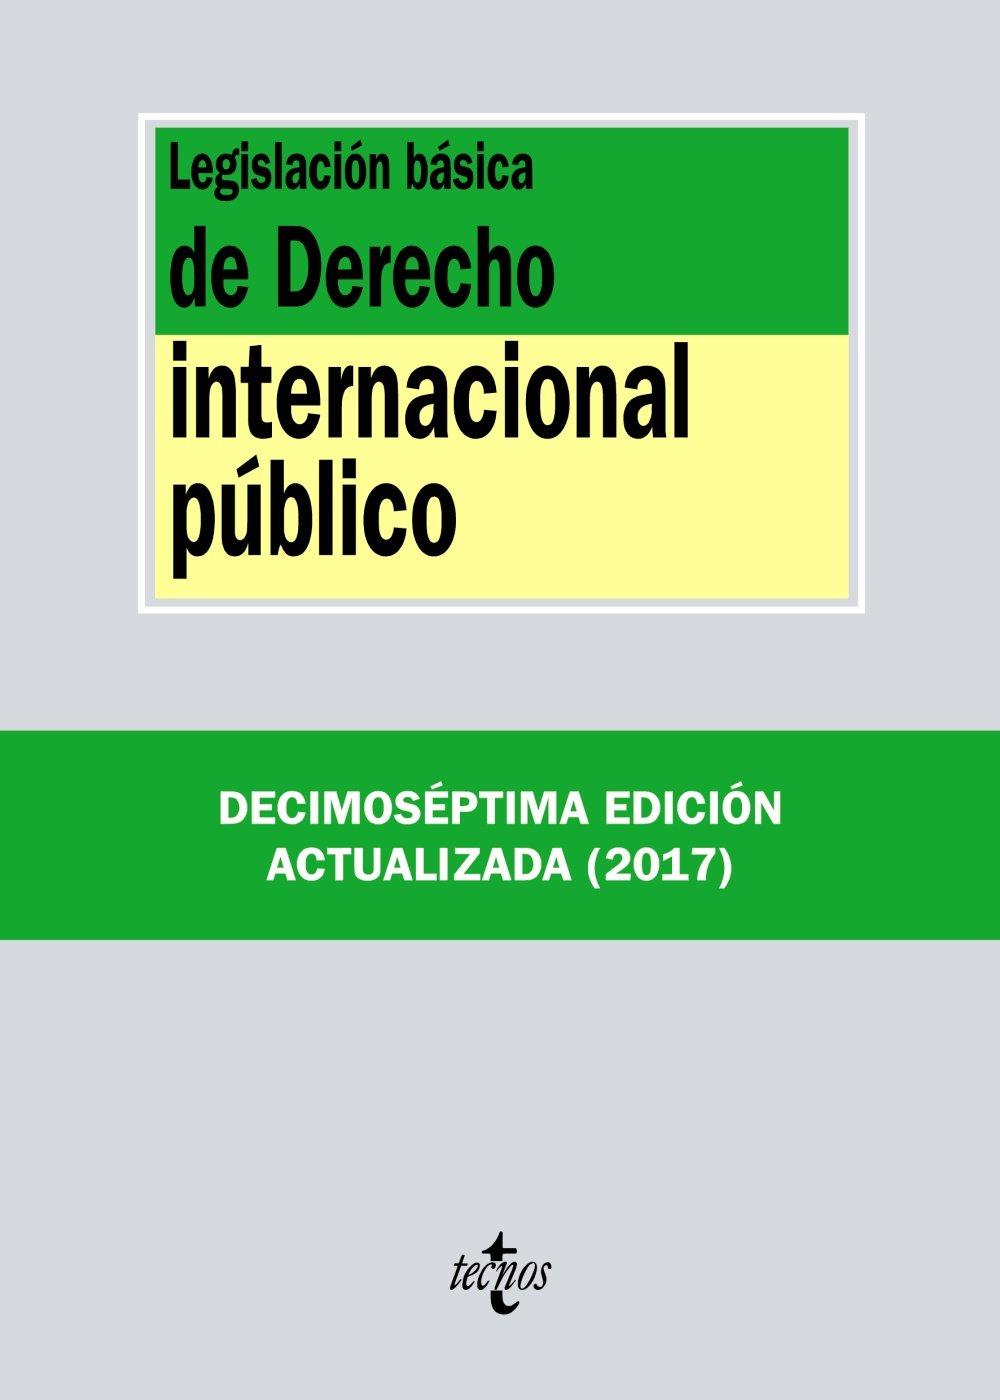 Legislación básica de Derecho Internacional público (Derecho - Biblioteca De Textos Legales) Tapa blanda – 7 sep 2017 Editorial Tecnos 8430972617 LBB LNZL